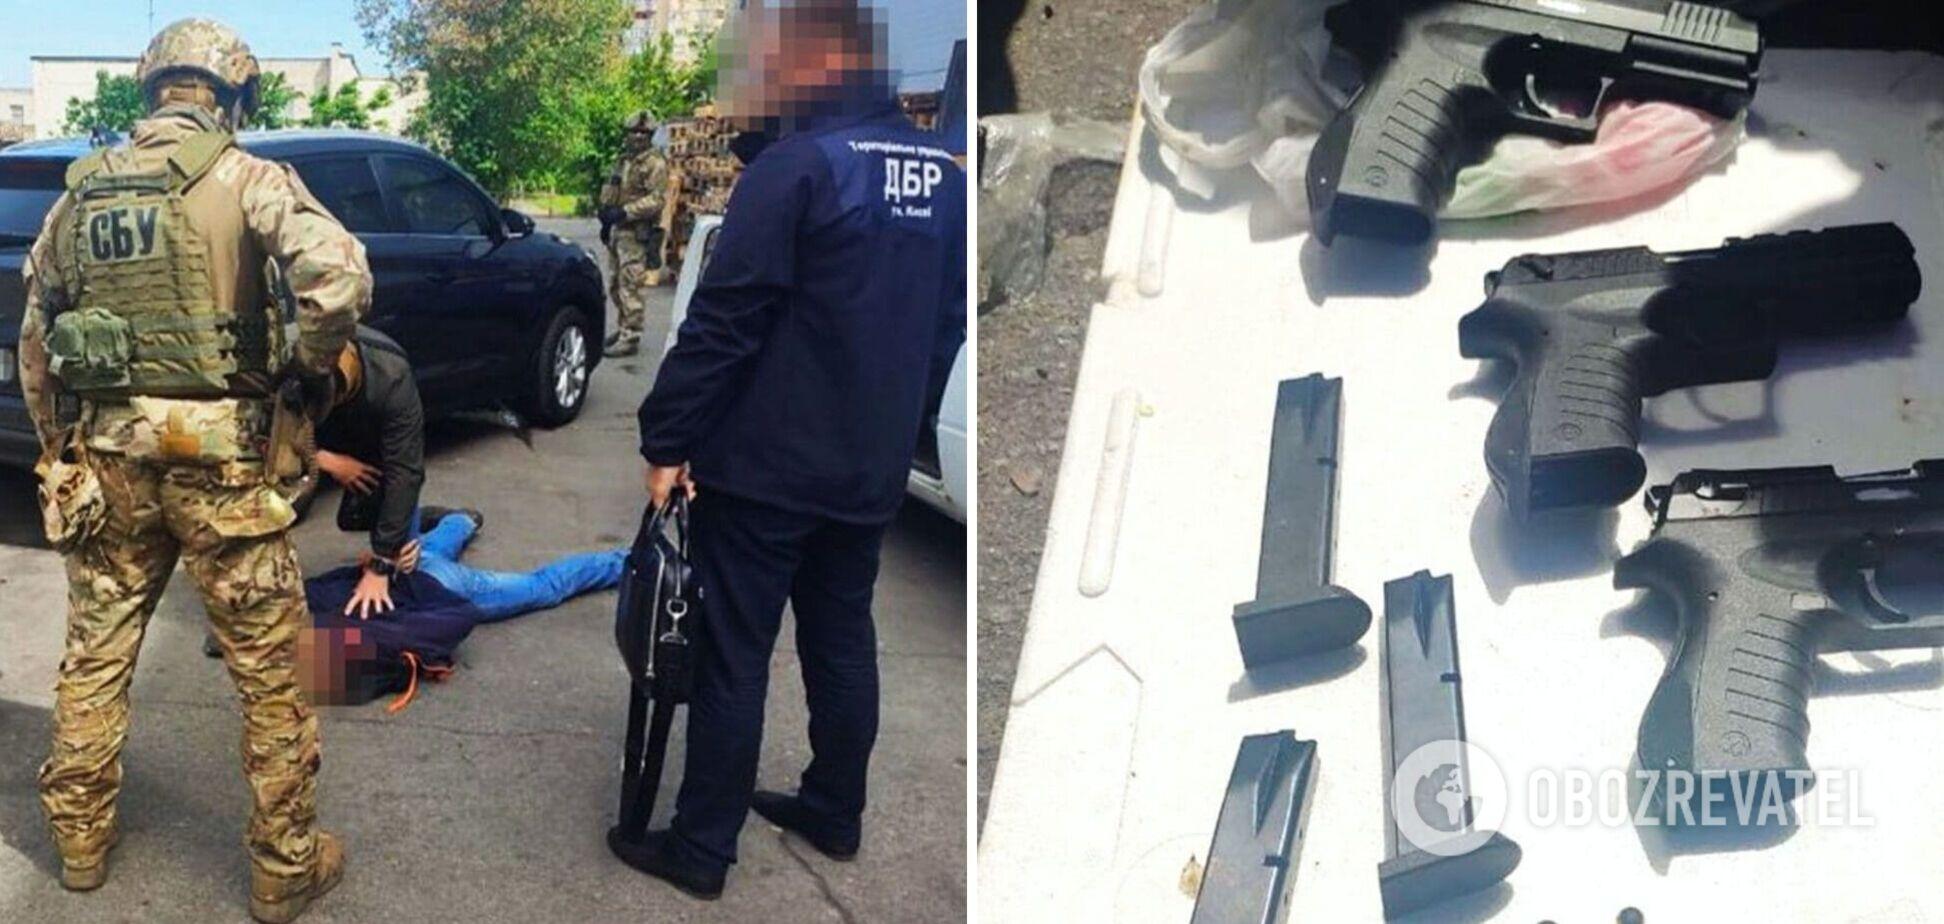 СБУ: в Черкассах нацгвардеец продавал оружие криминалитету. Фото и видео